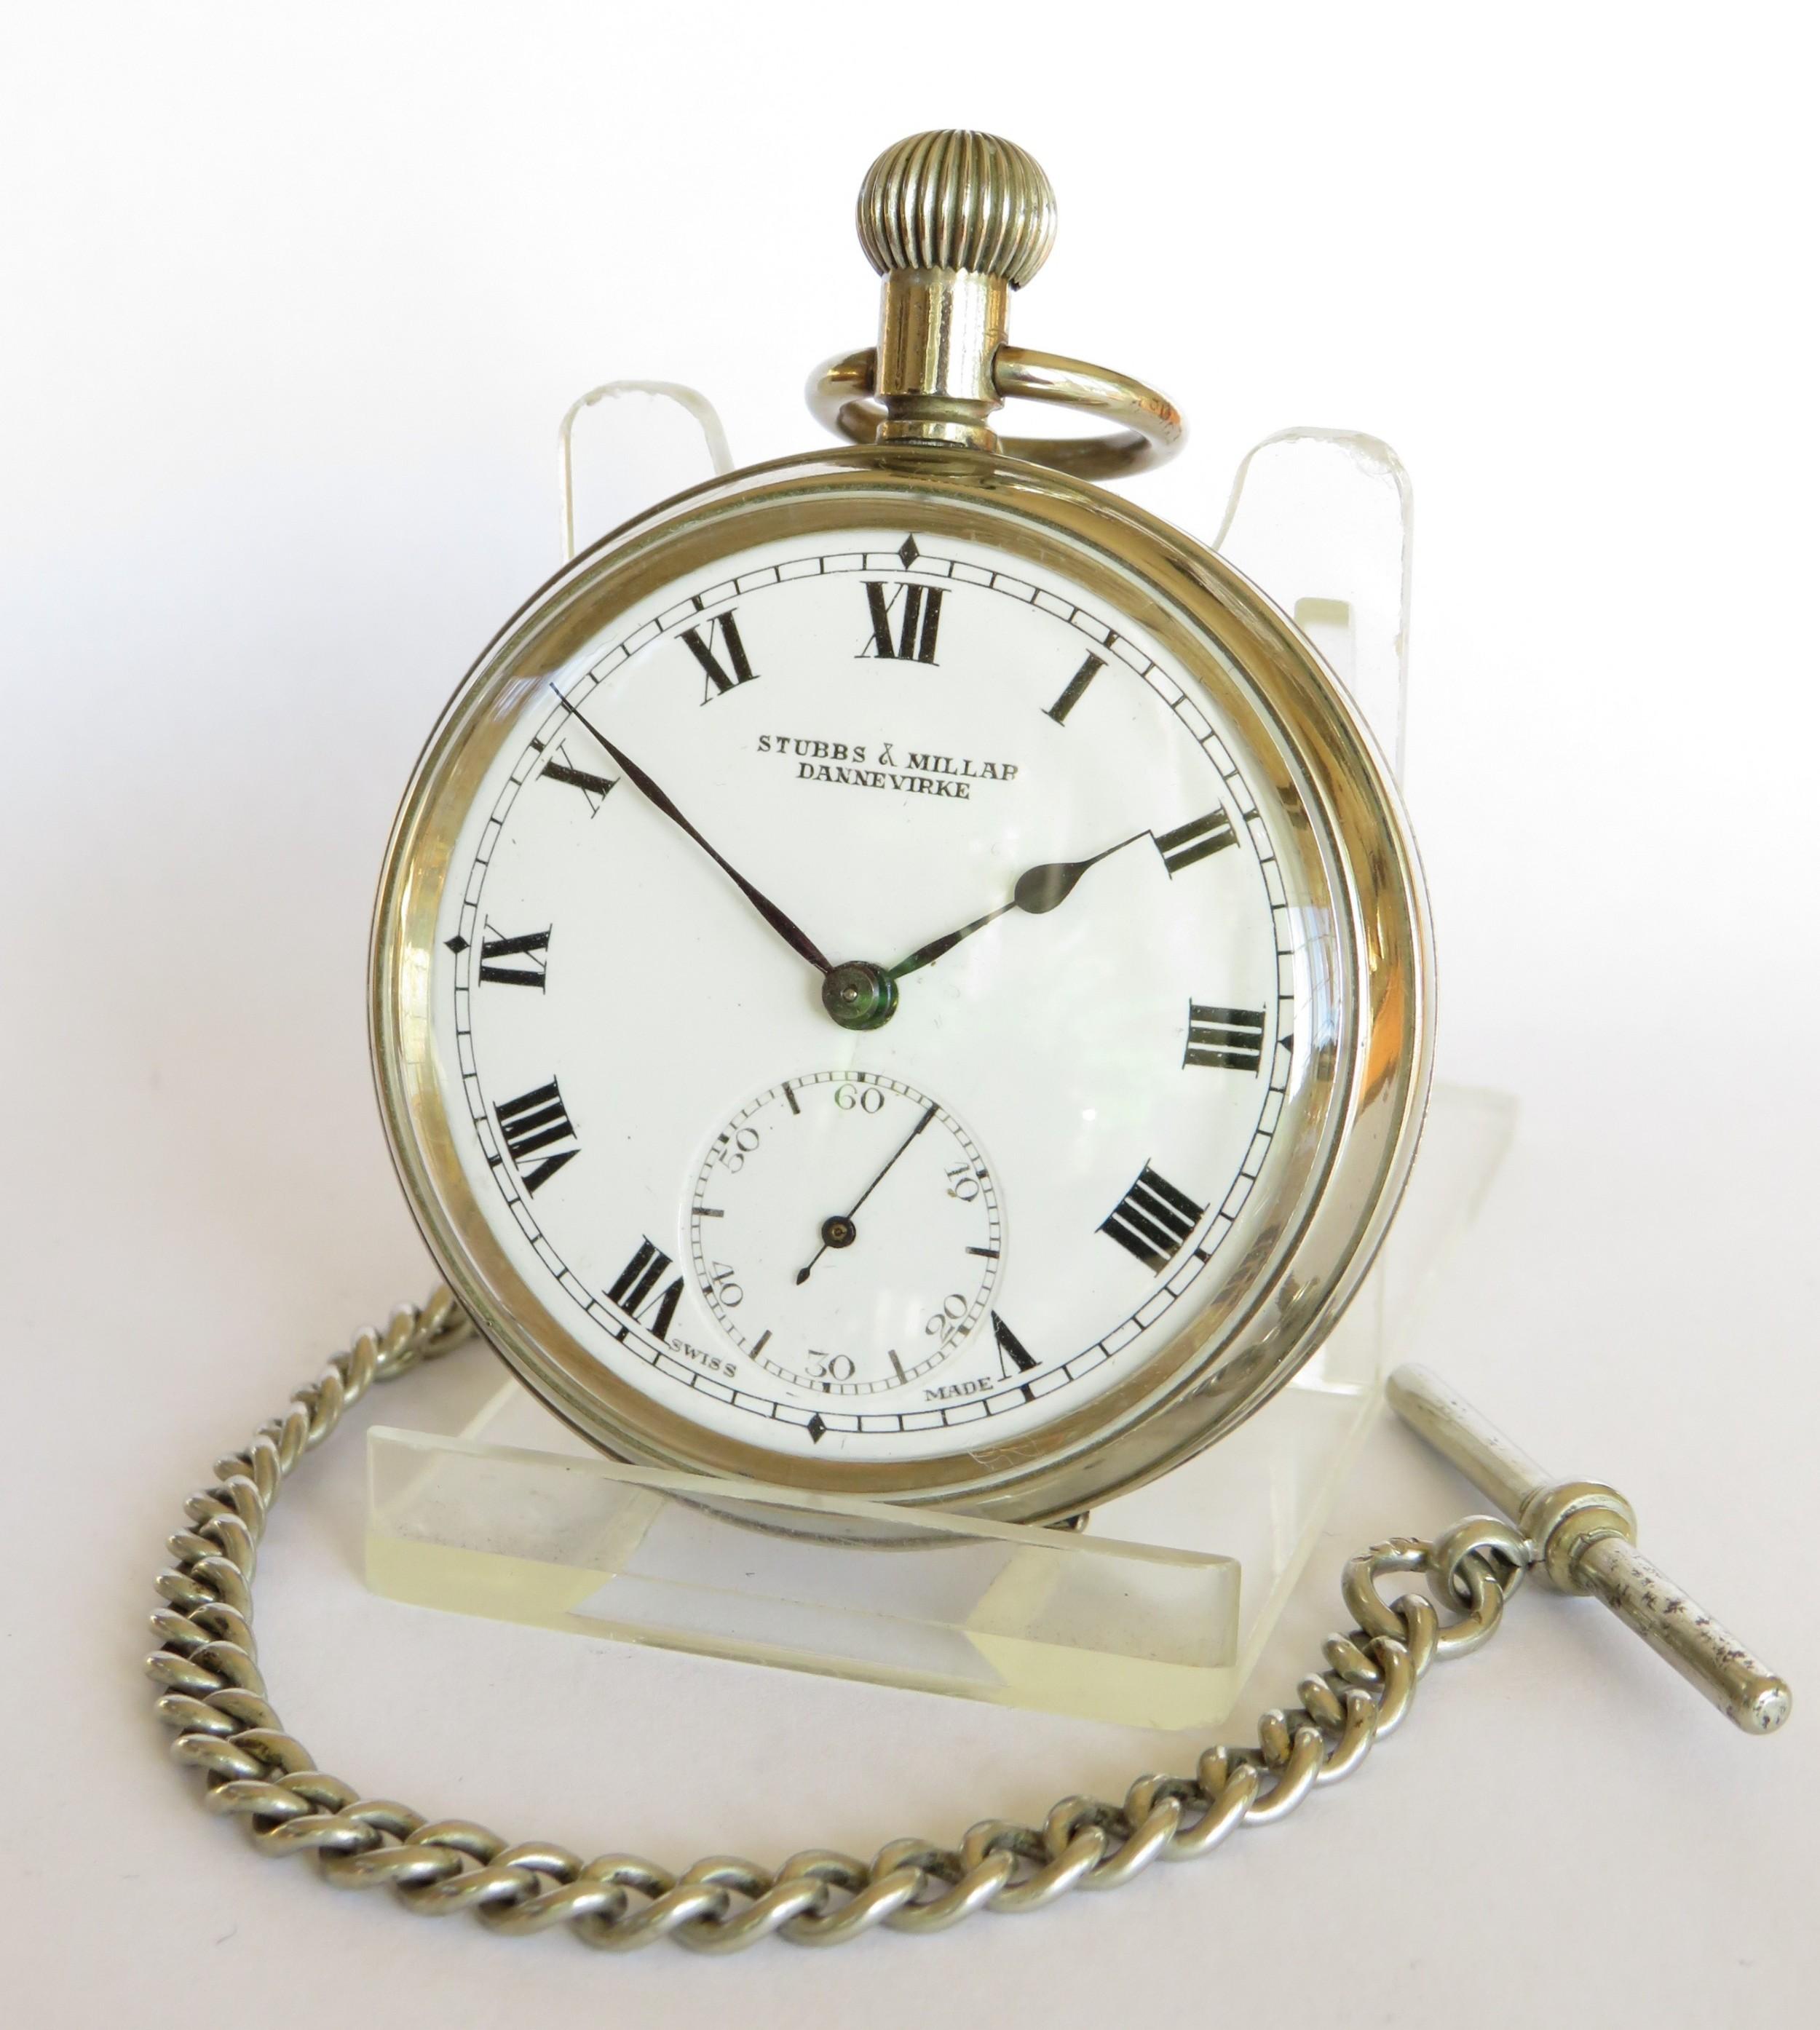 stubbs millar dannevirke pocket watch chain